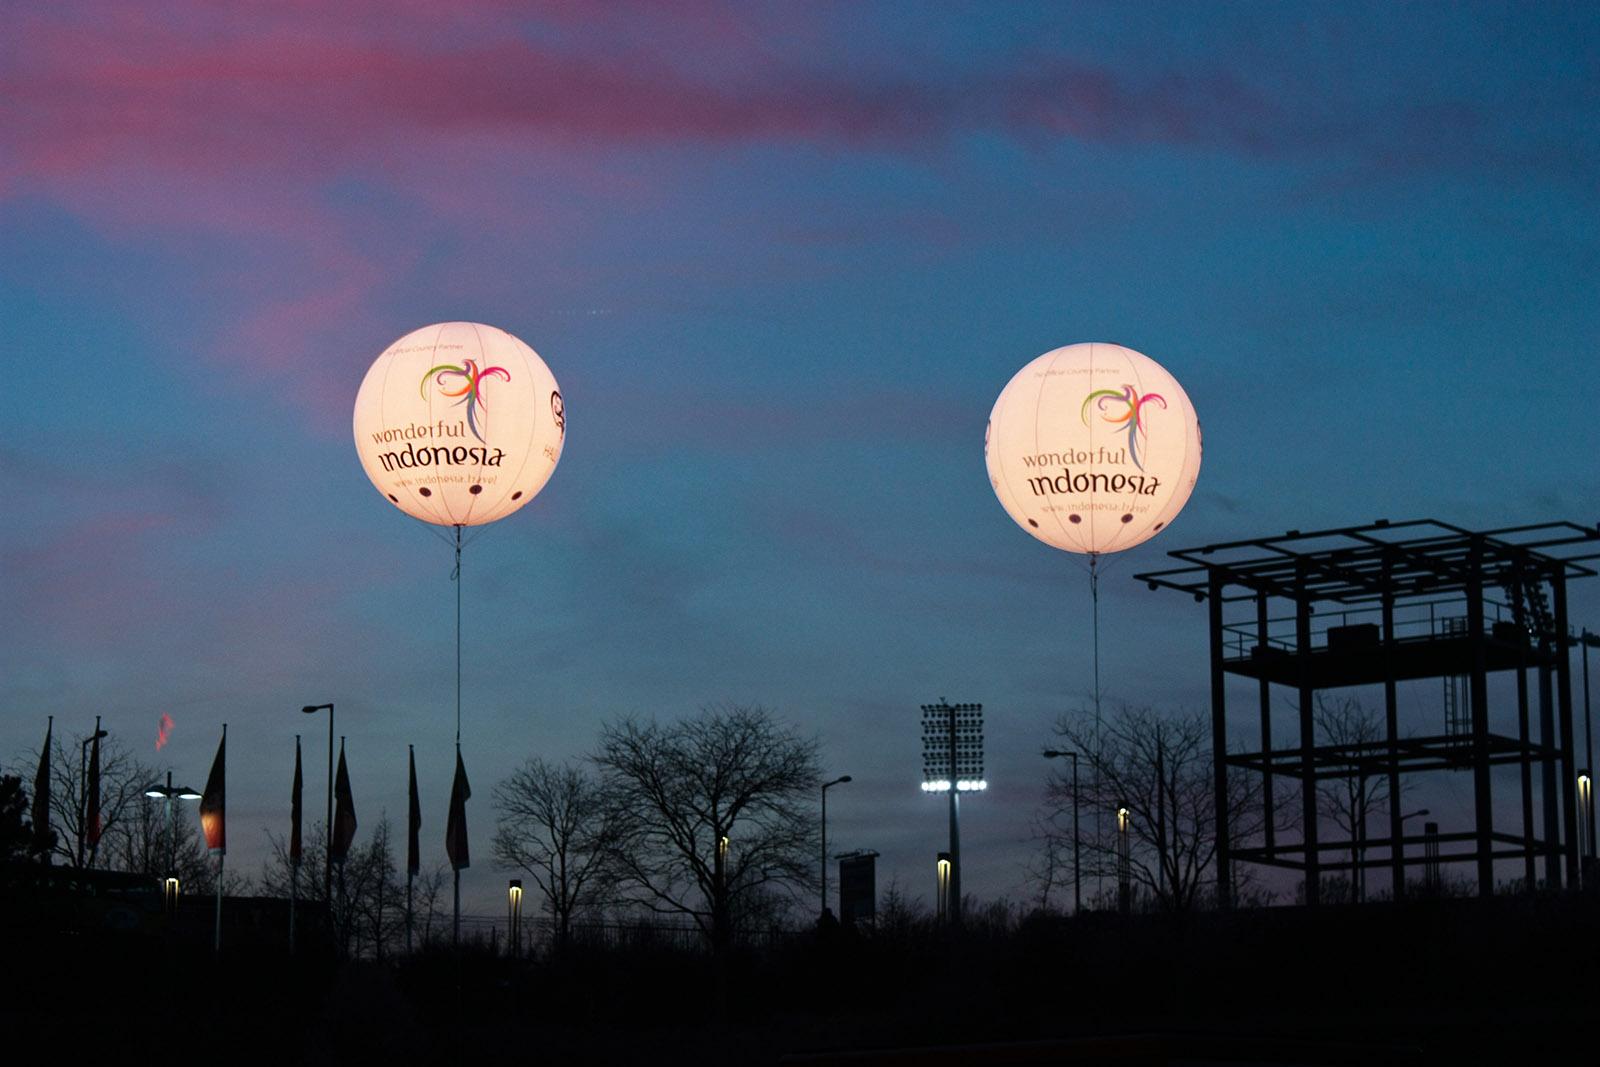 Indonesien- Leuchtballons am Fußballfeld.